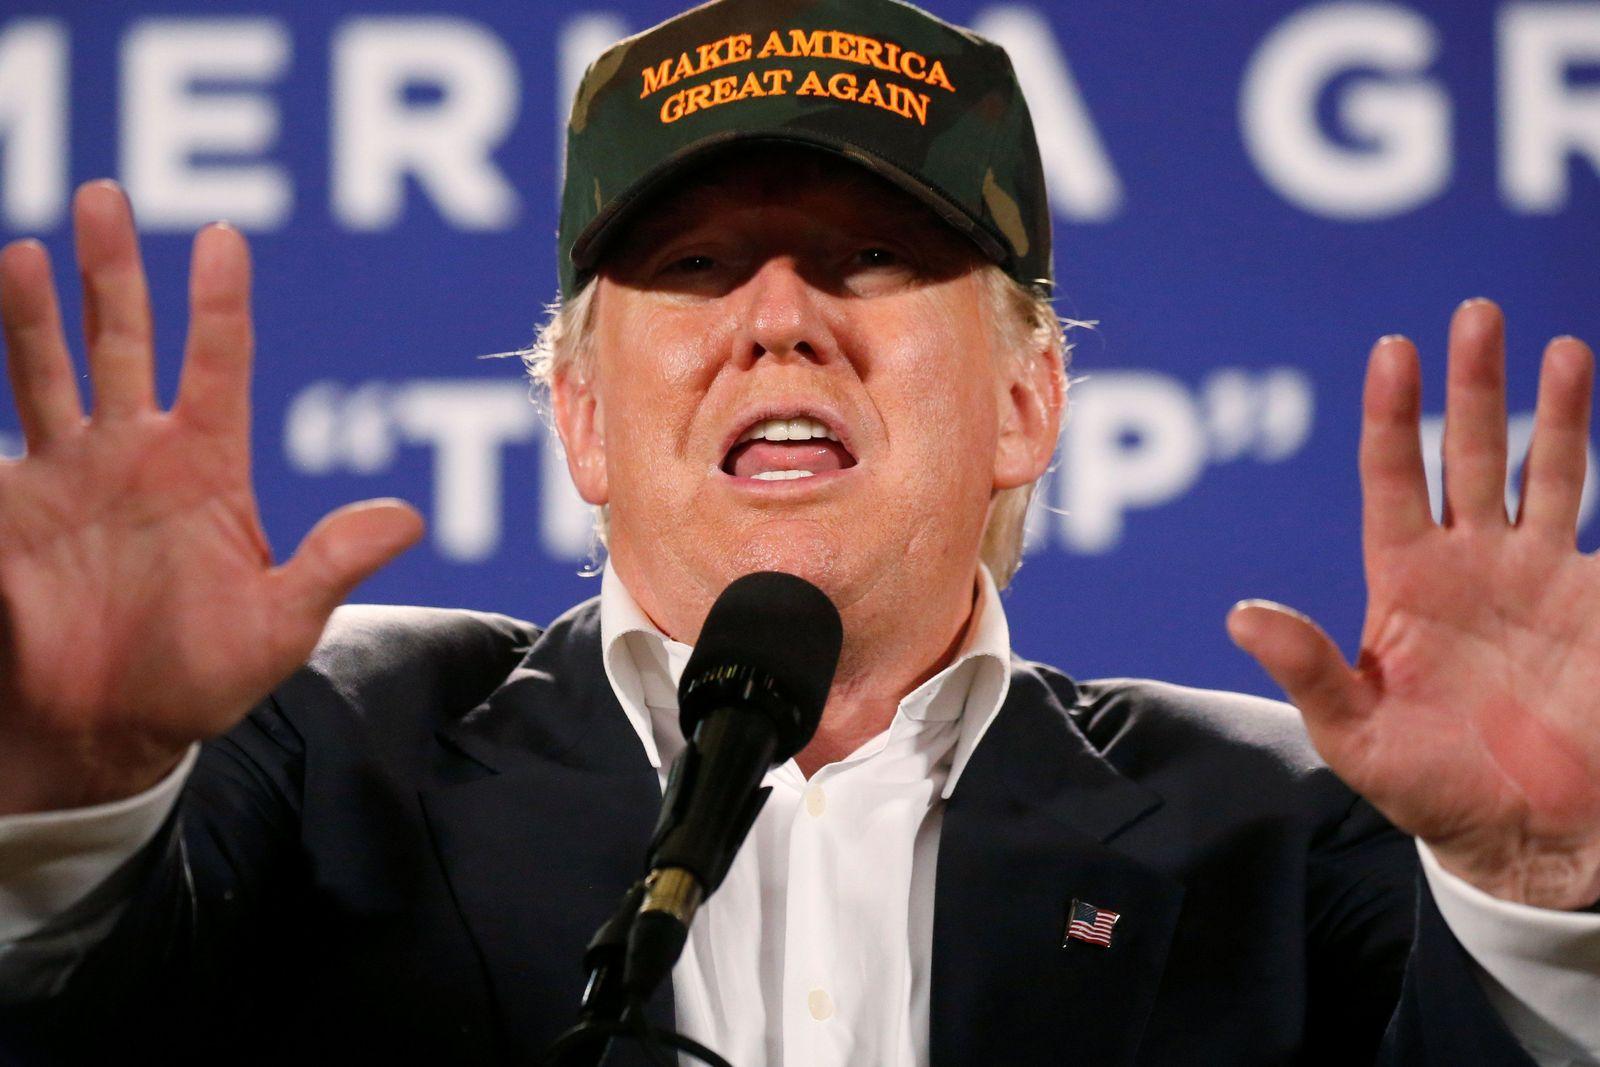 Donald Trump Penascola